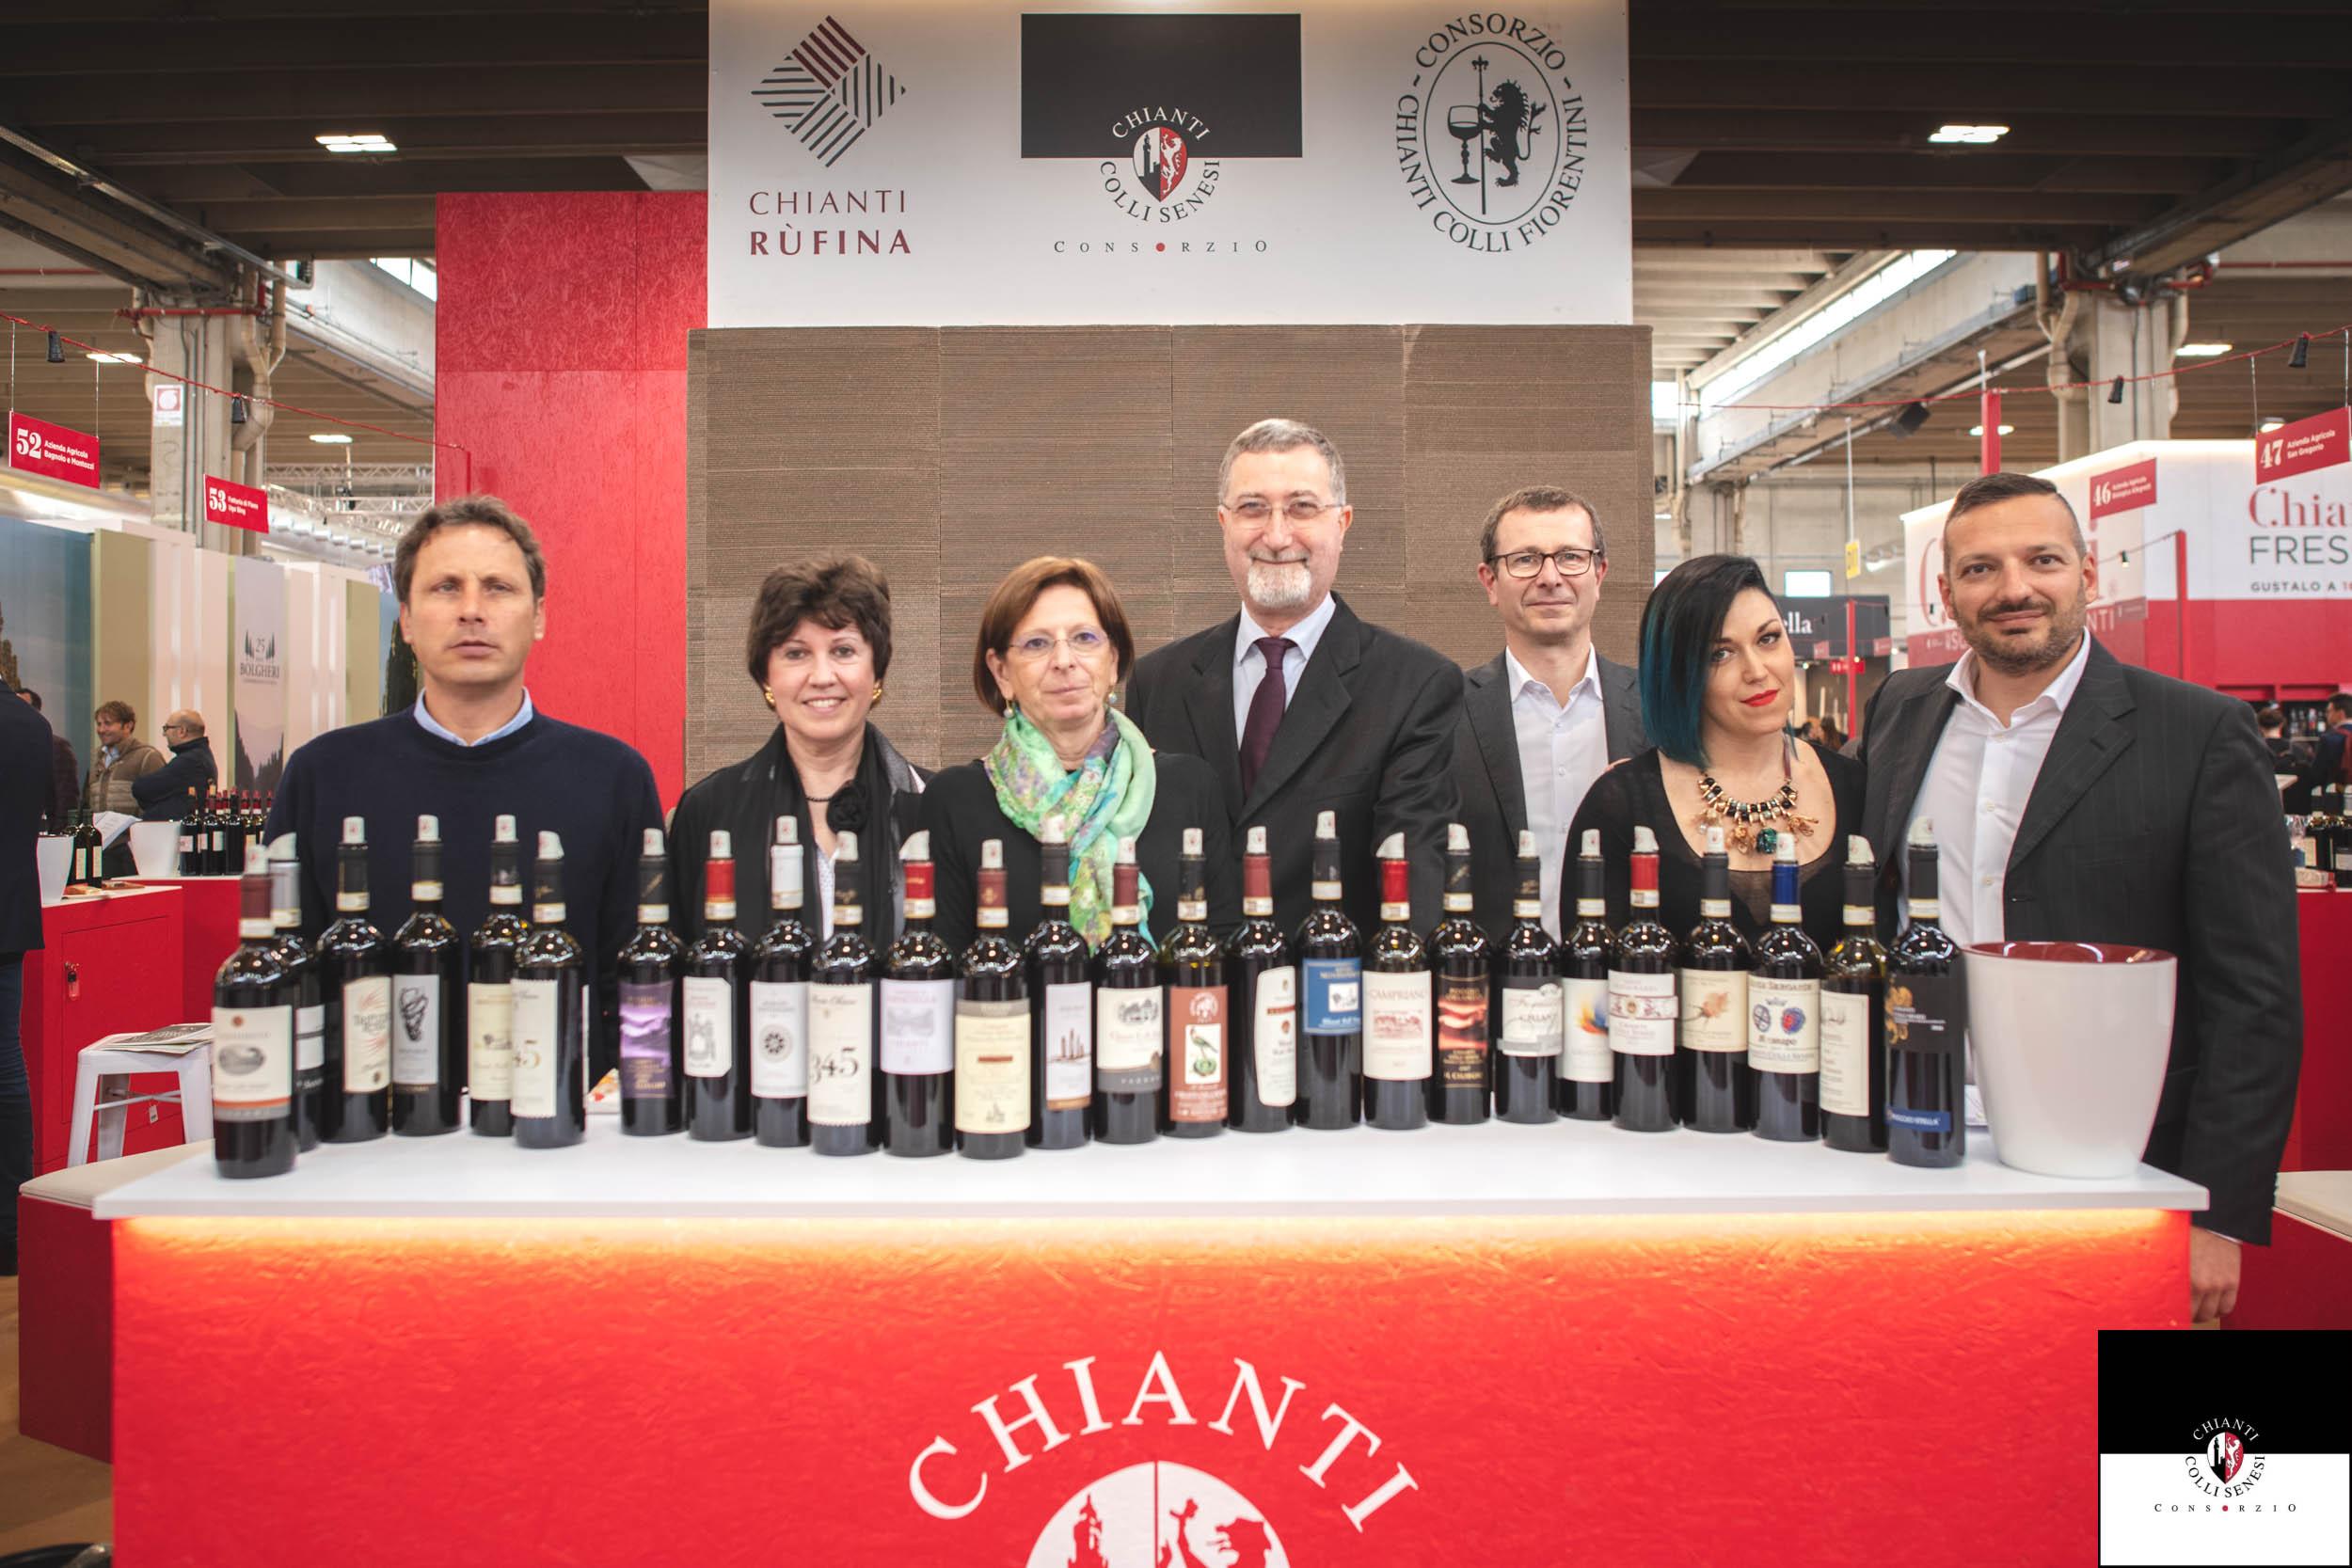 Consorzio Chianti Colli Senesi alla 53esima edizione di Vinitaly 2019